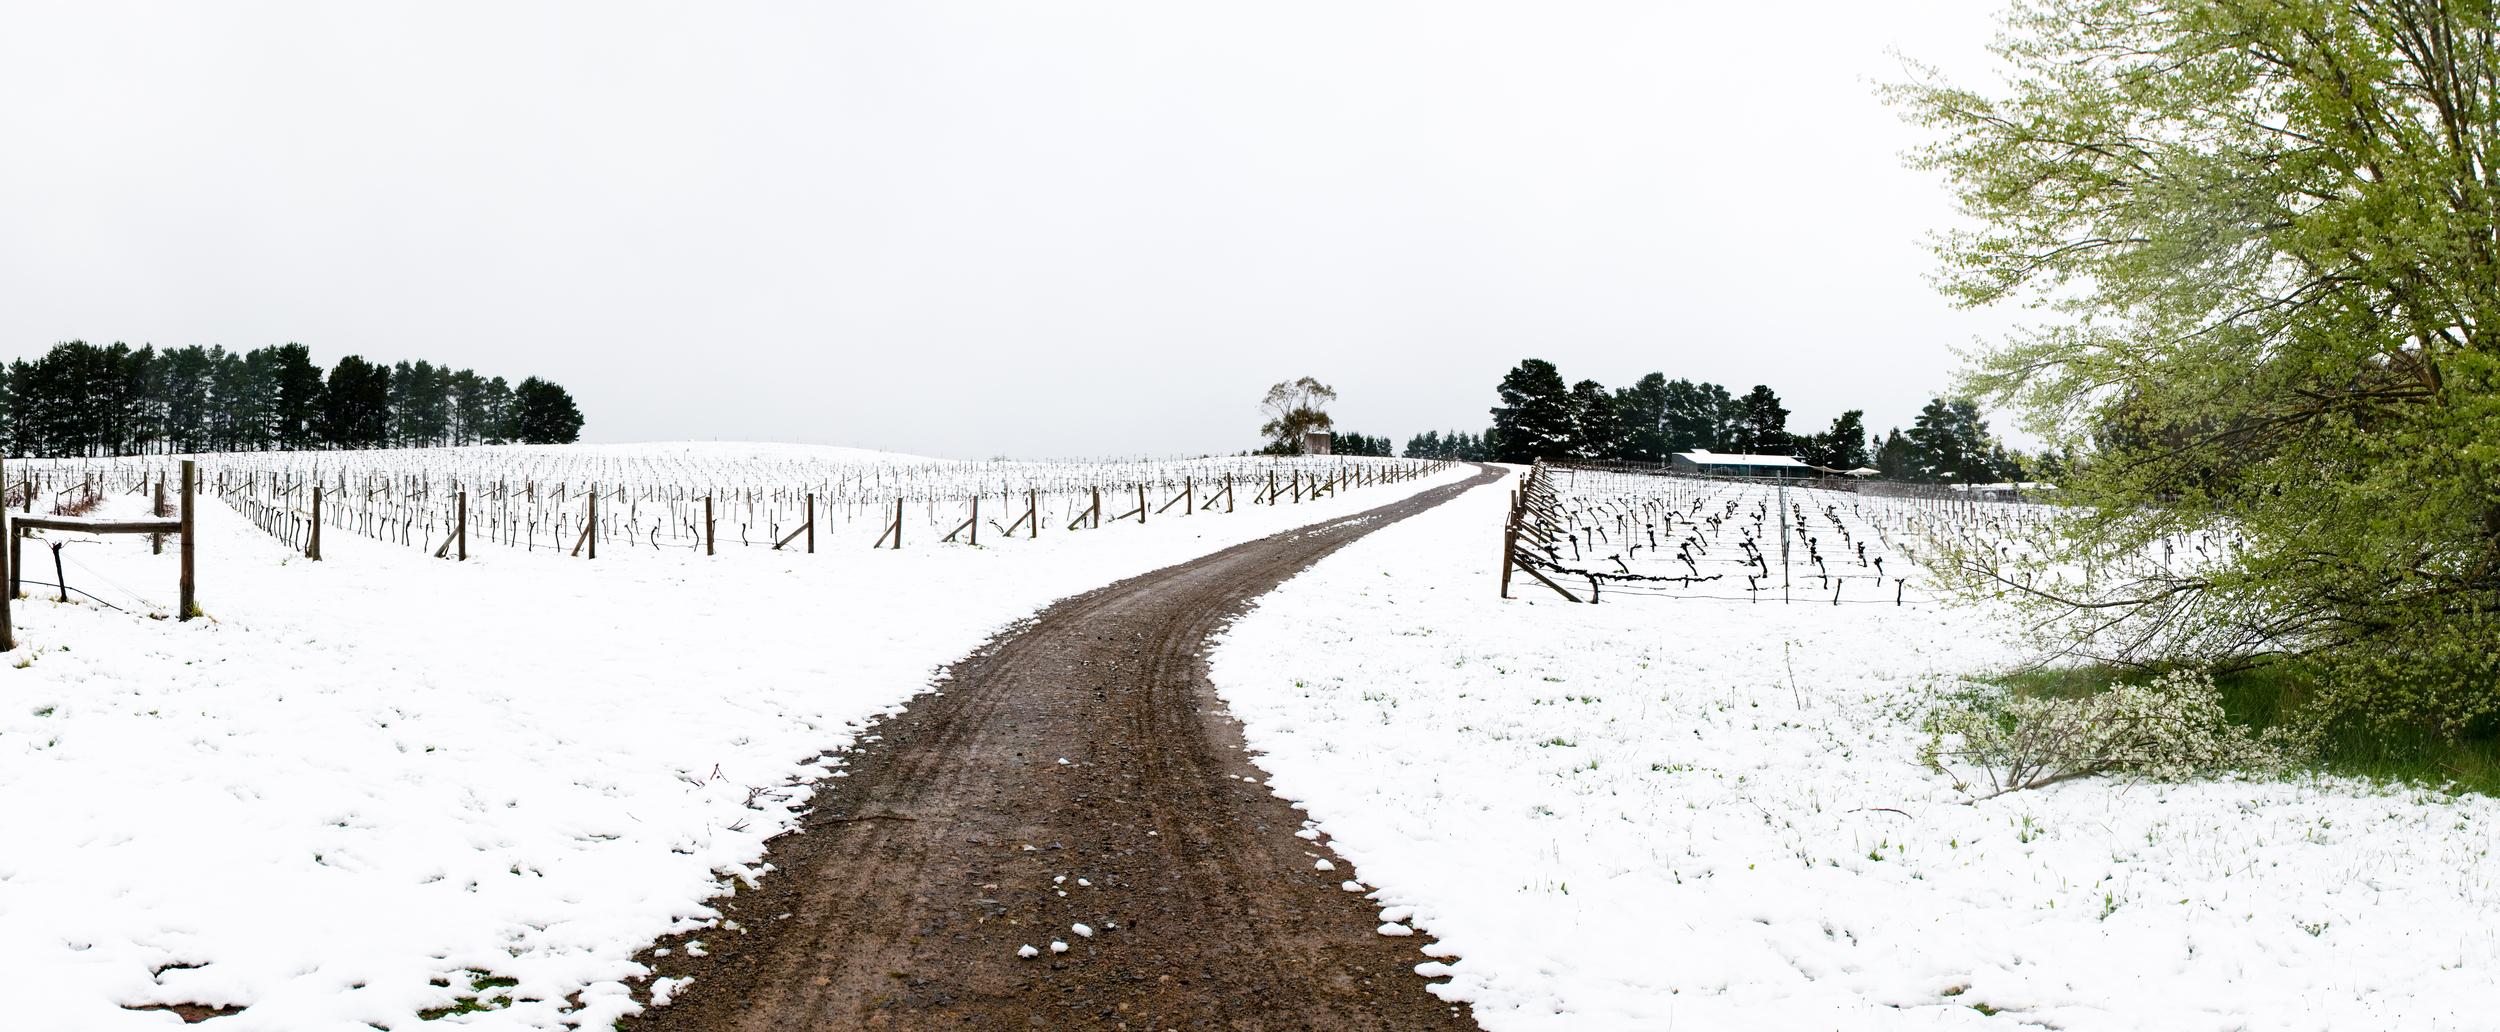 Lark-Hill-Snow-October-2012.jpg